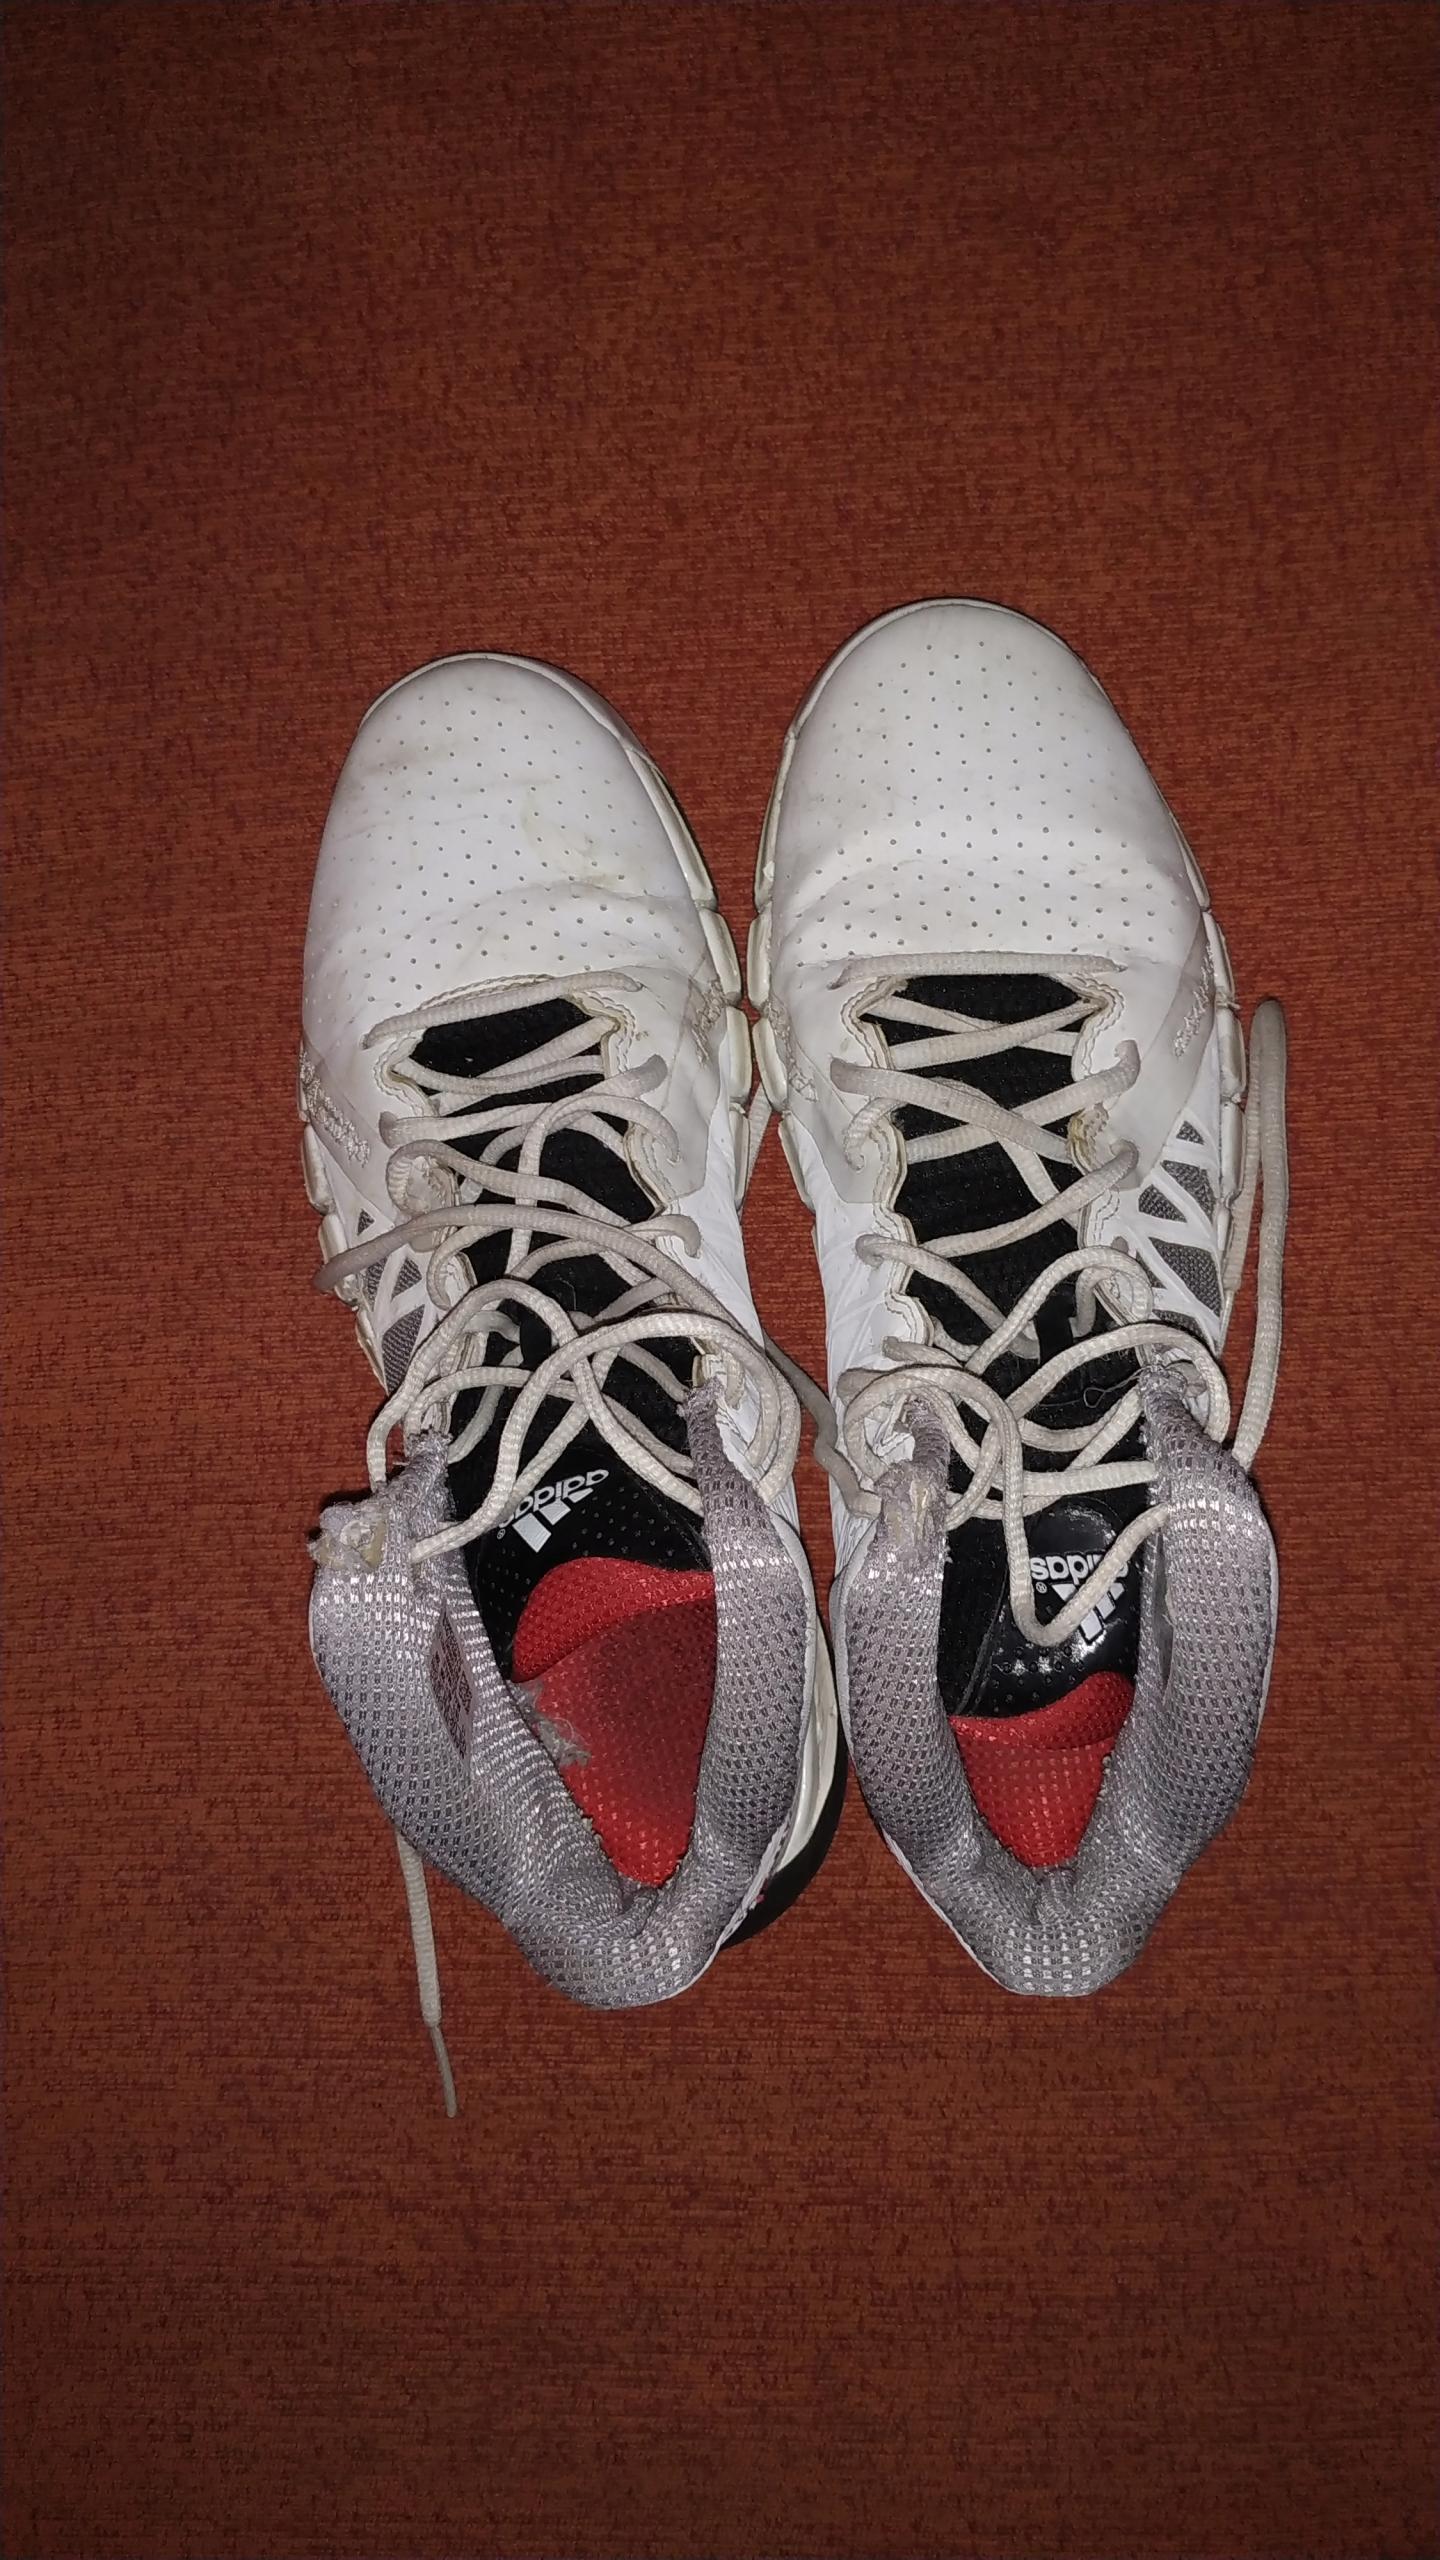 Buty do koszykówki ADIDAS